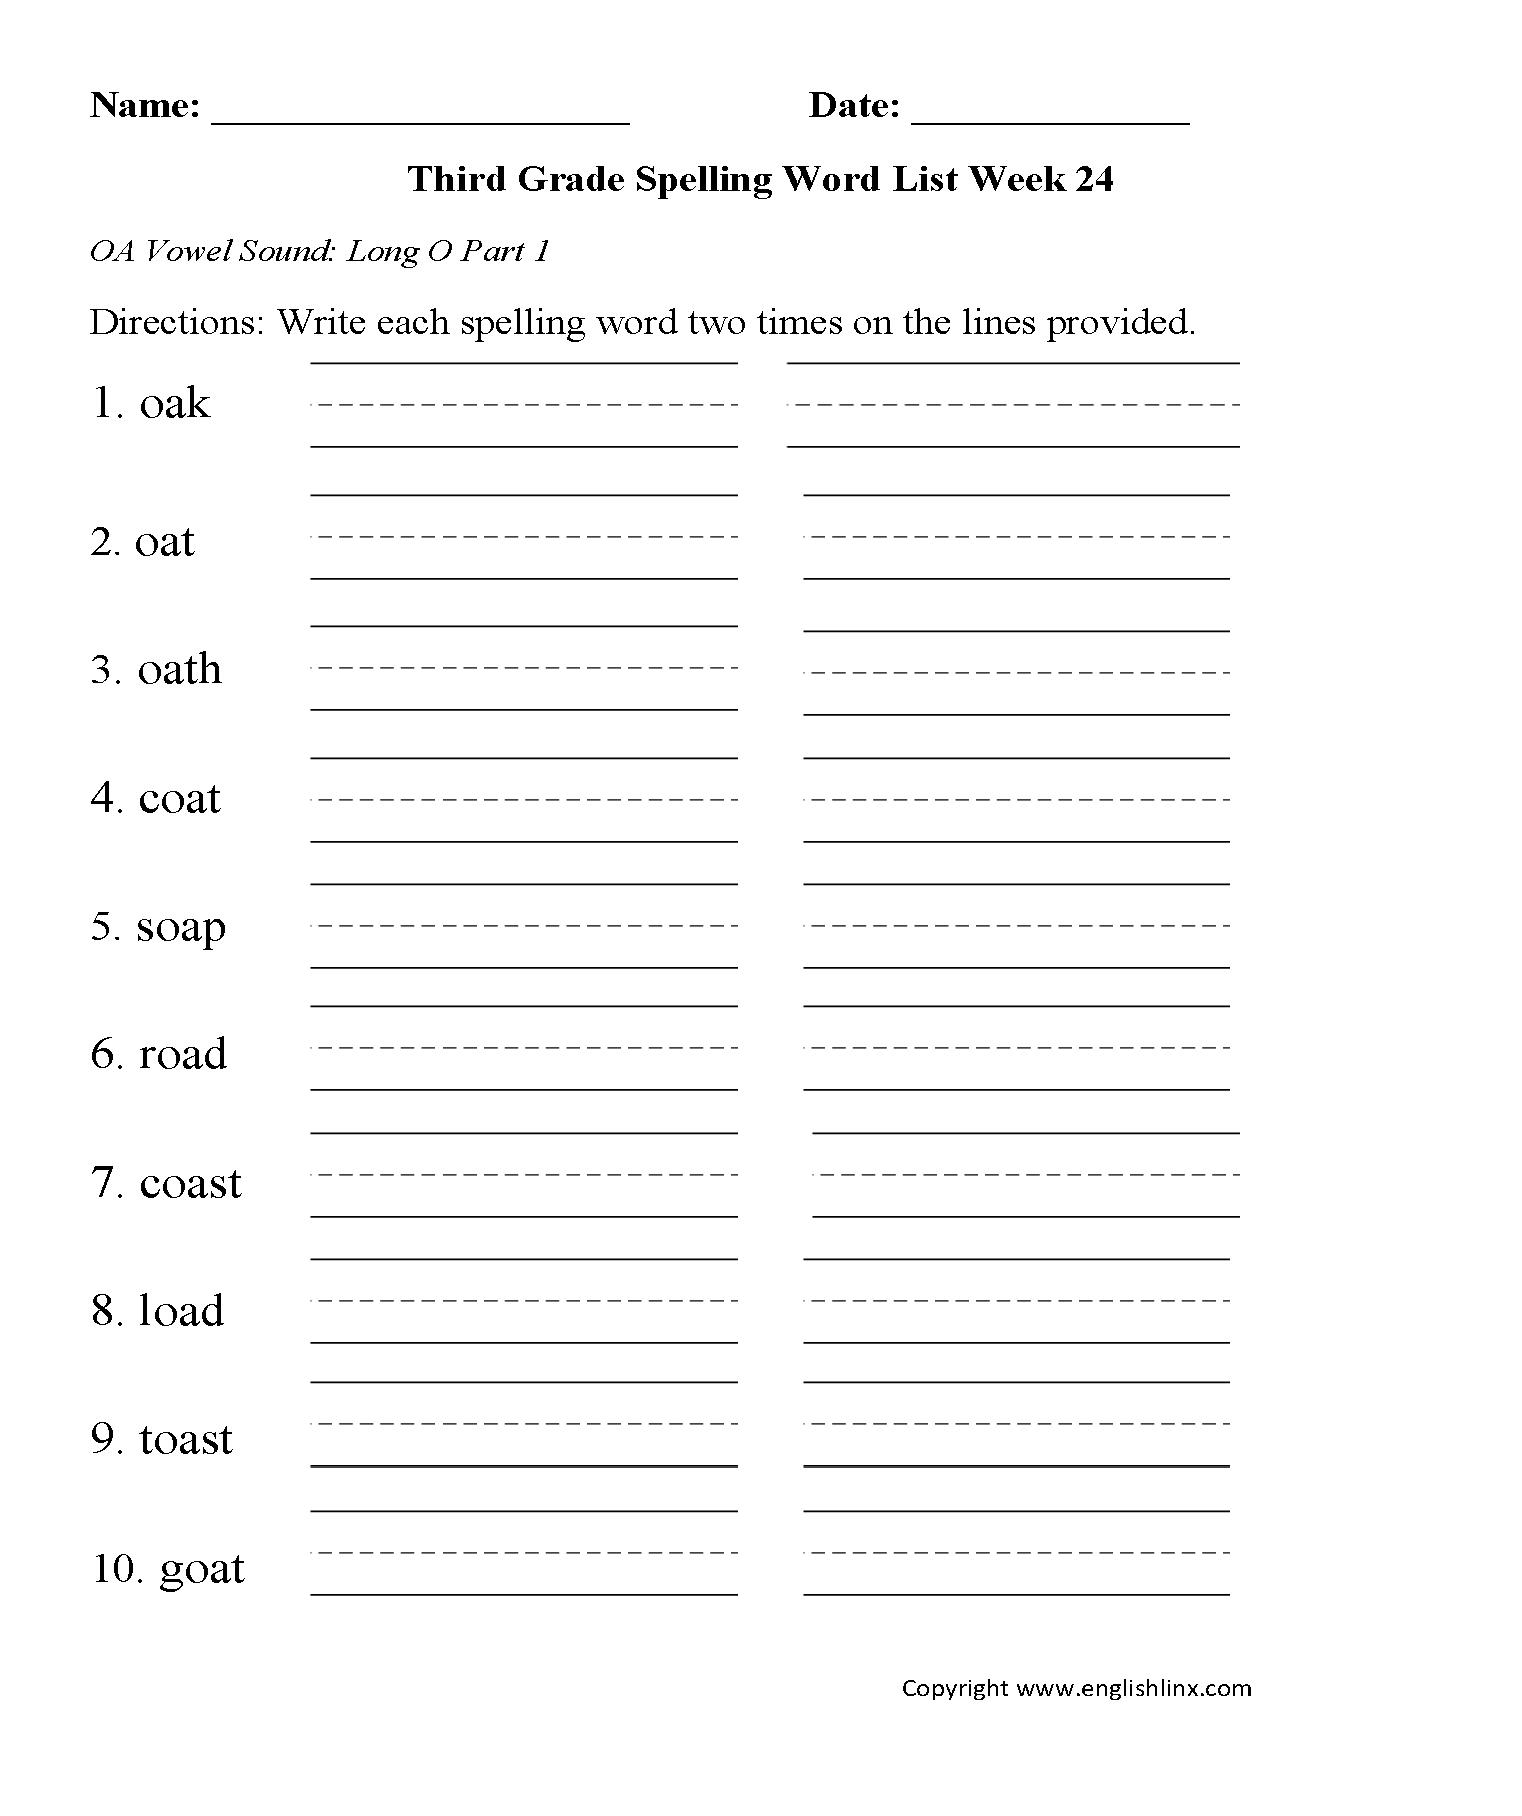 worksheet Oa Worksheets spelling worksheets third grade words week 24 long oa vowel part 1 worksheets